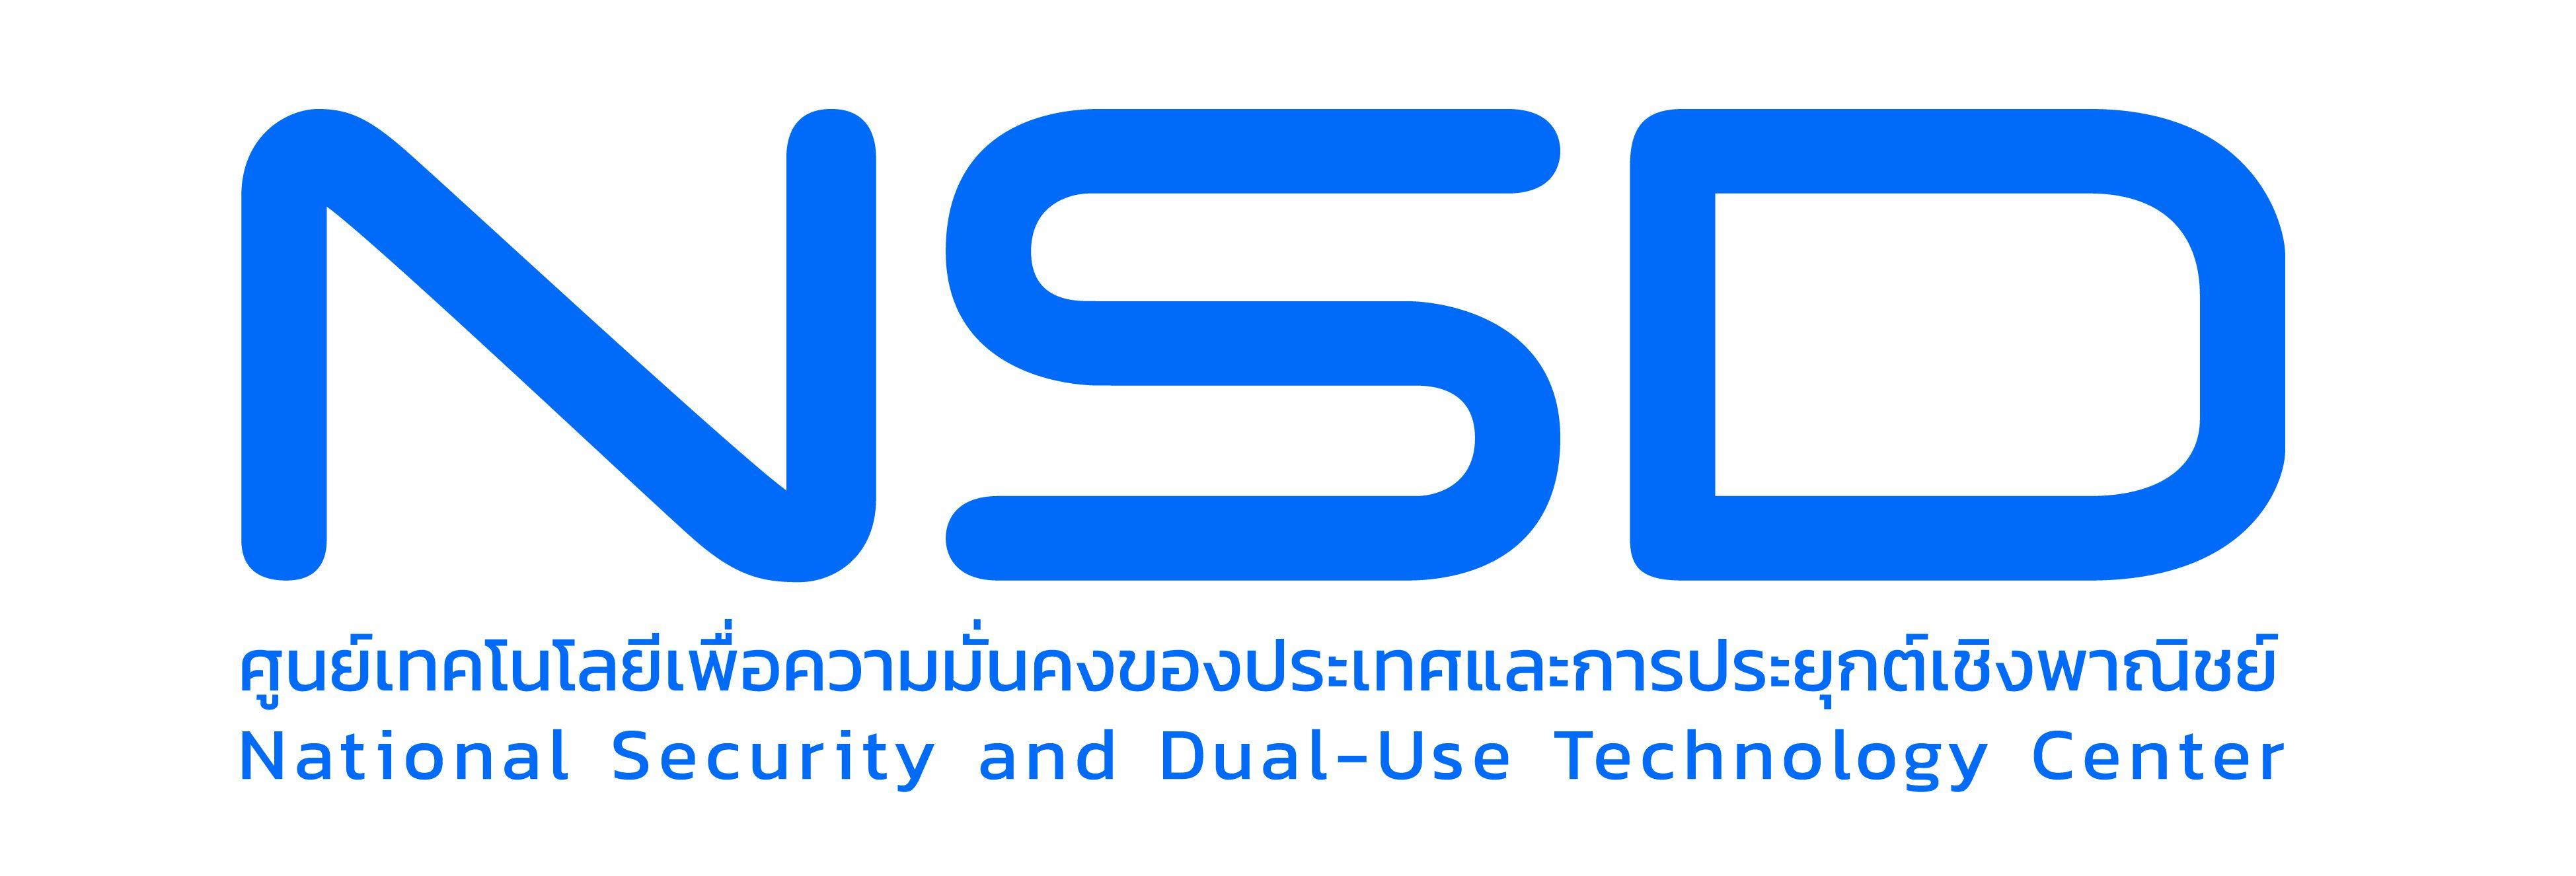 ตราโลโก้ ศูนย์เทคโนโลยีเพื่อความมั่นคงของประเทศและการประยุกต์เชิงพาณิชย์ (Logo of National Security and Dual-Use Technology Center: NSD)